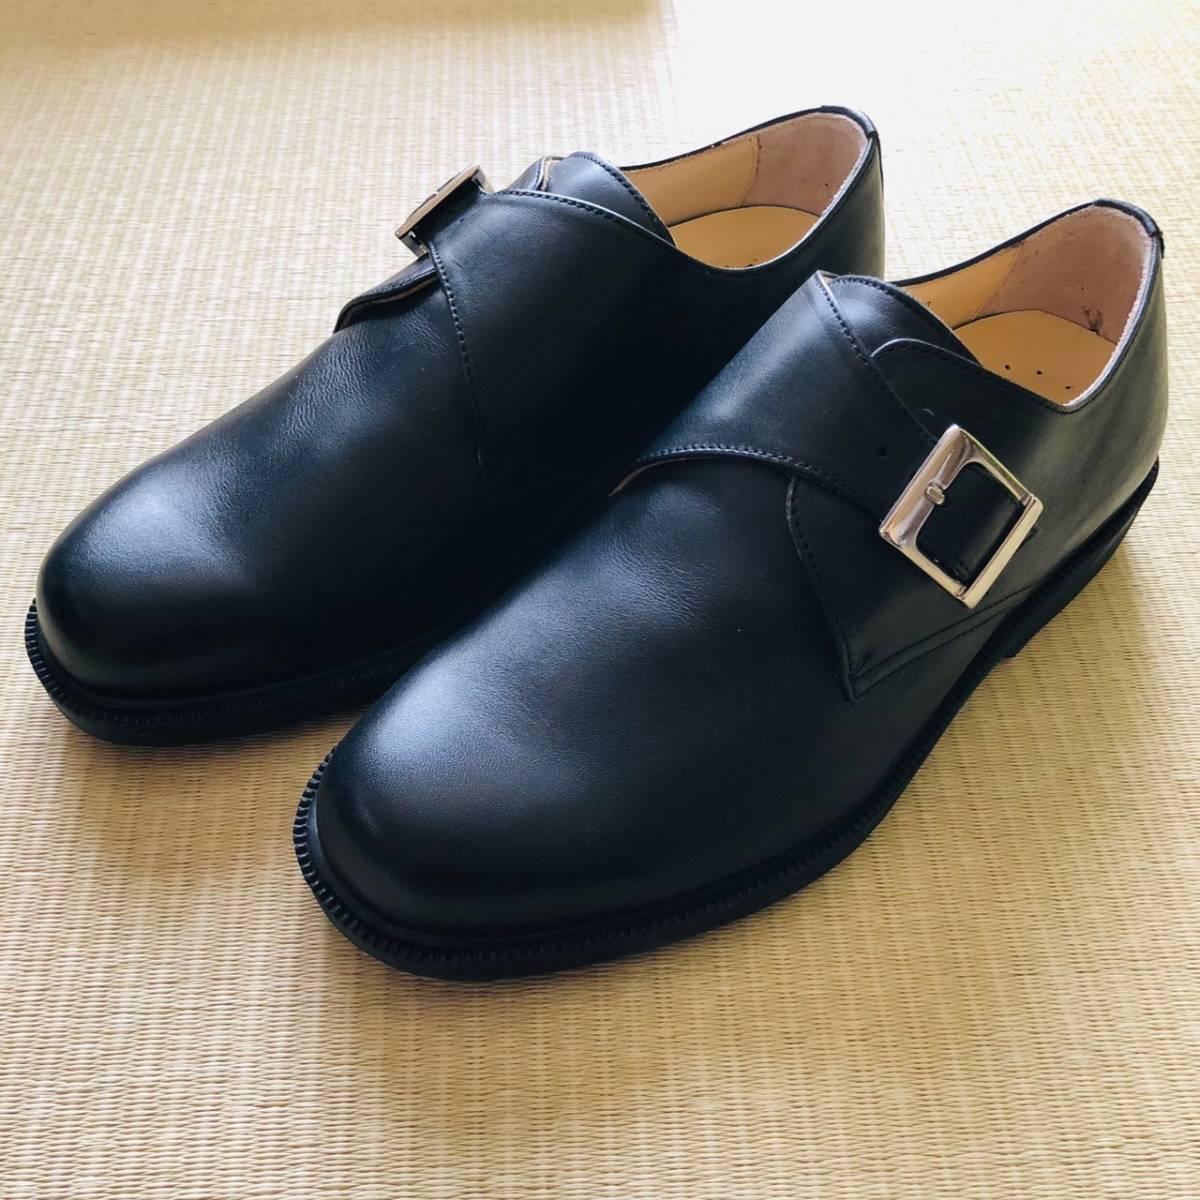 【未使用新品】GT HAWKINS AIR LIGHT 革靴 ビジネスシューズ 黒 6 24.5cm